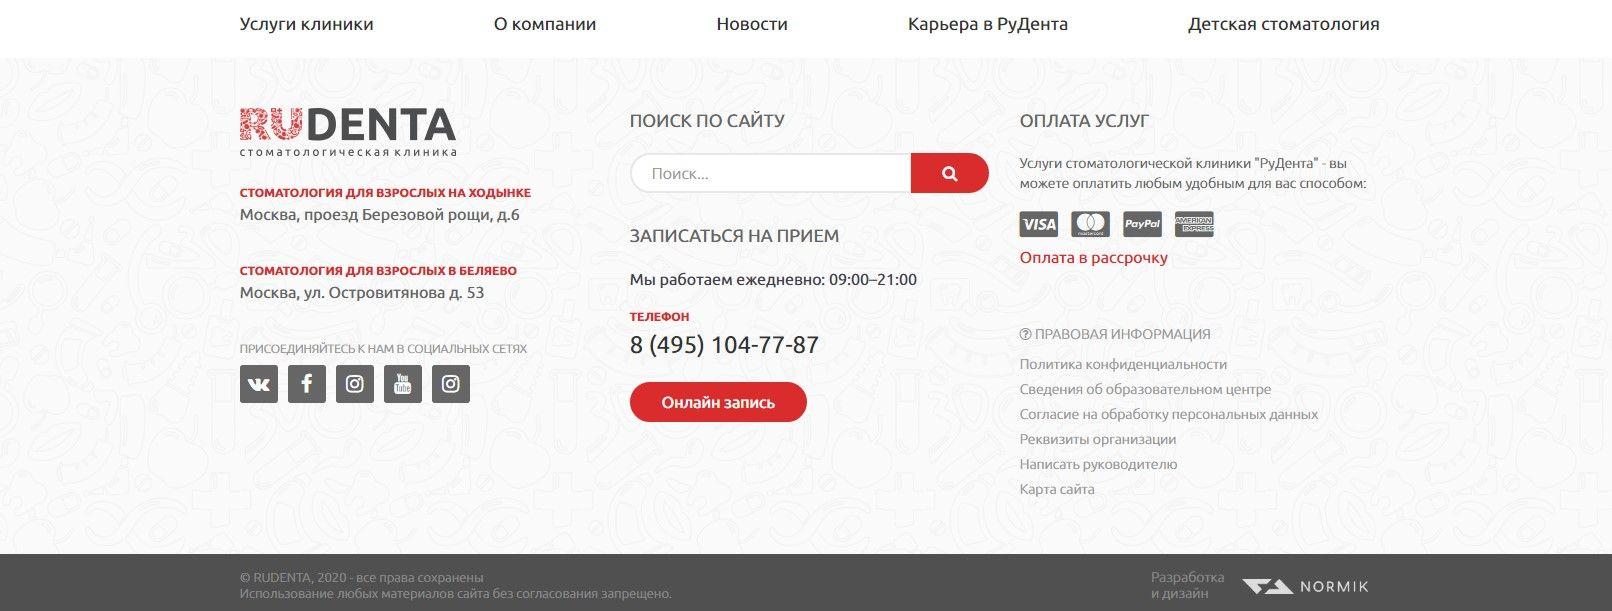 Бренды в подвале на примере www.rudenta.ru